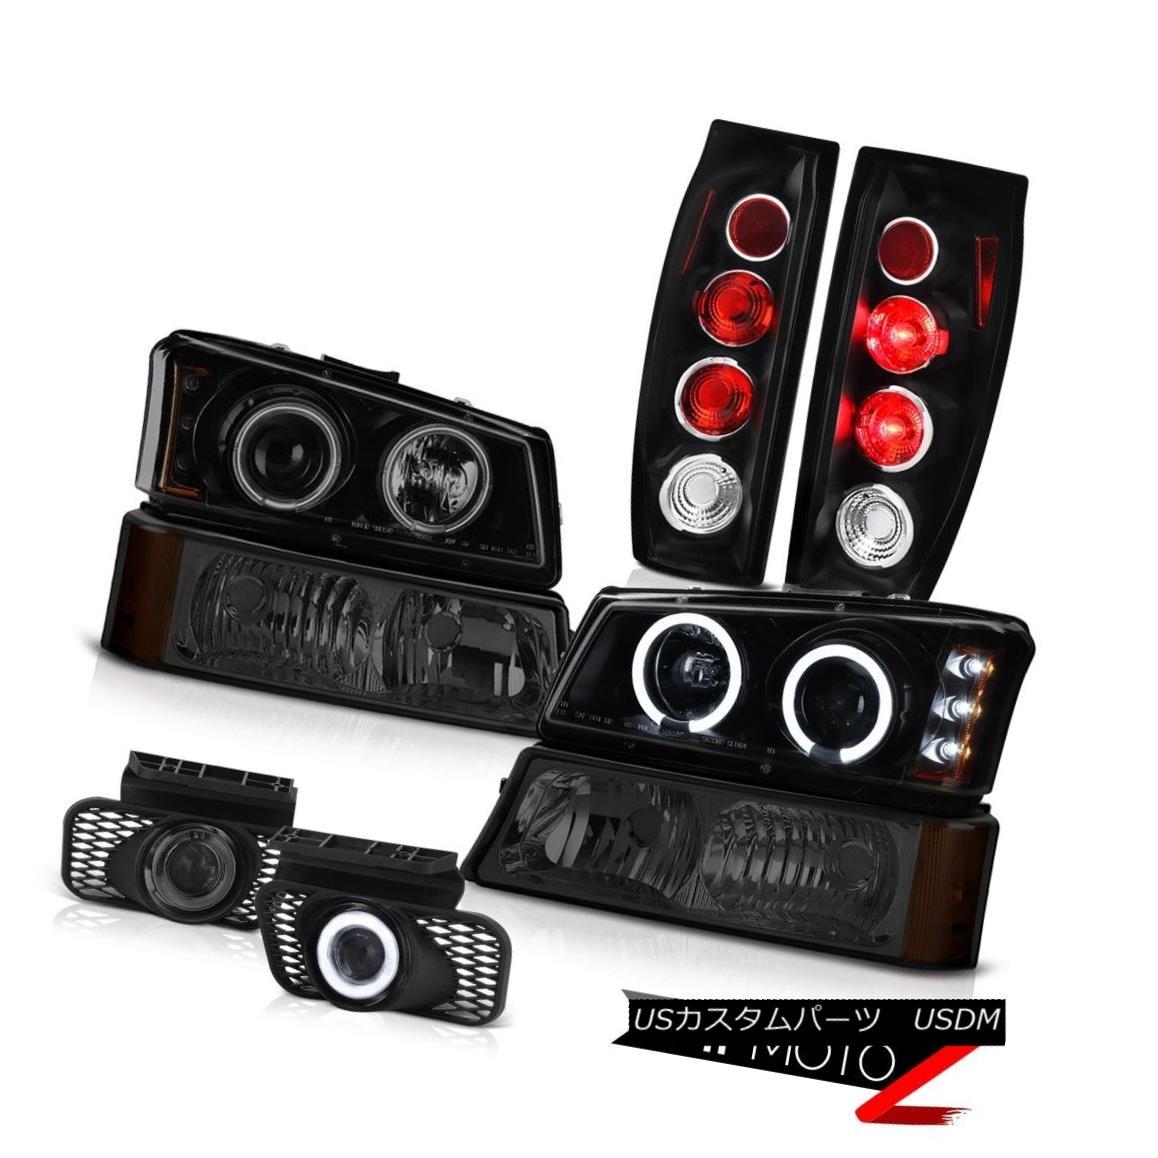 テールライト 03-06 Avalanche 2500 Foglights Black Tail Lamps Signal Light Headlamps Euro LED 03-06雪崩2500 FoglightsブラックテールランプシグナルライトヘッドランプユーロLED